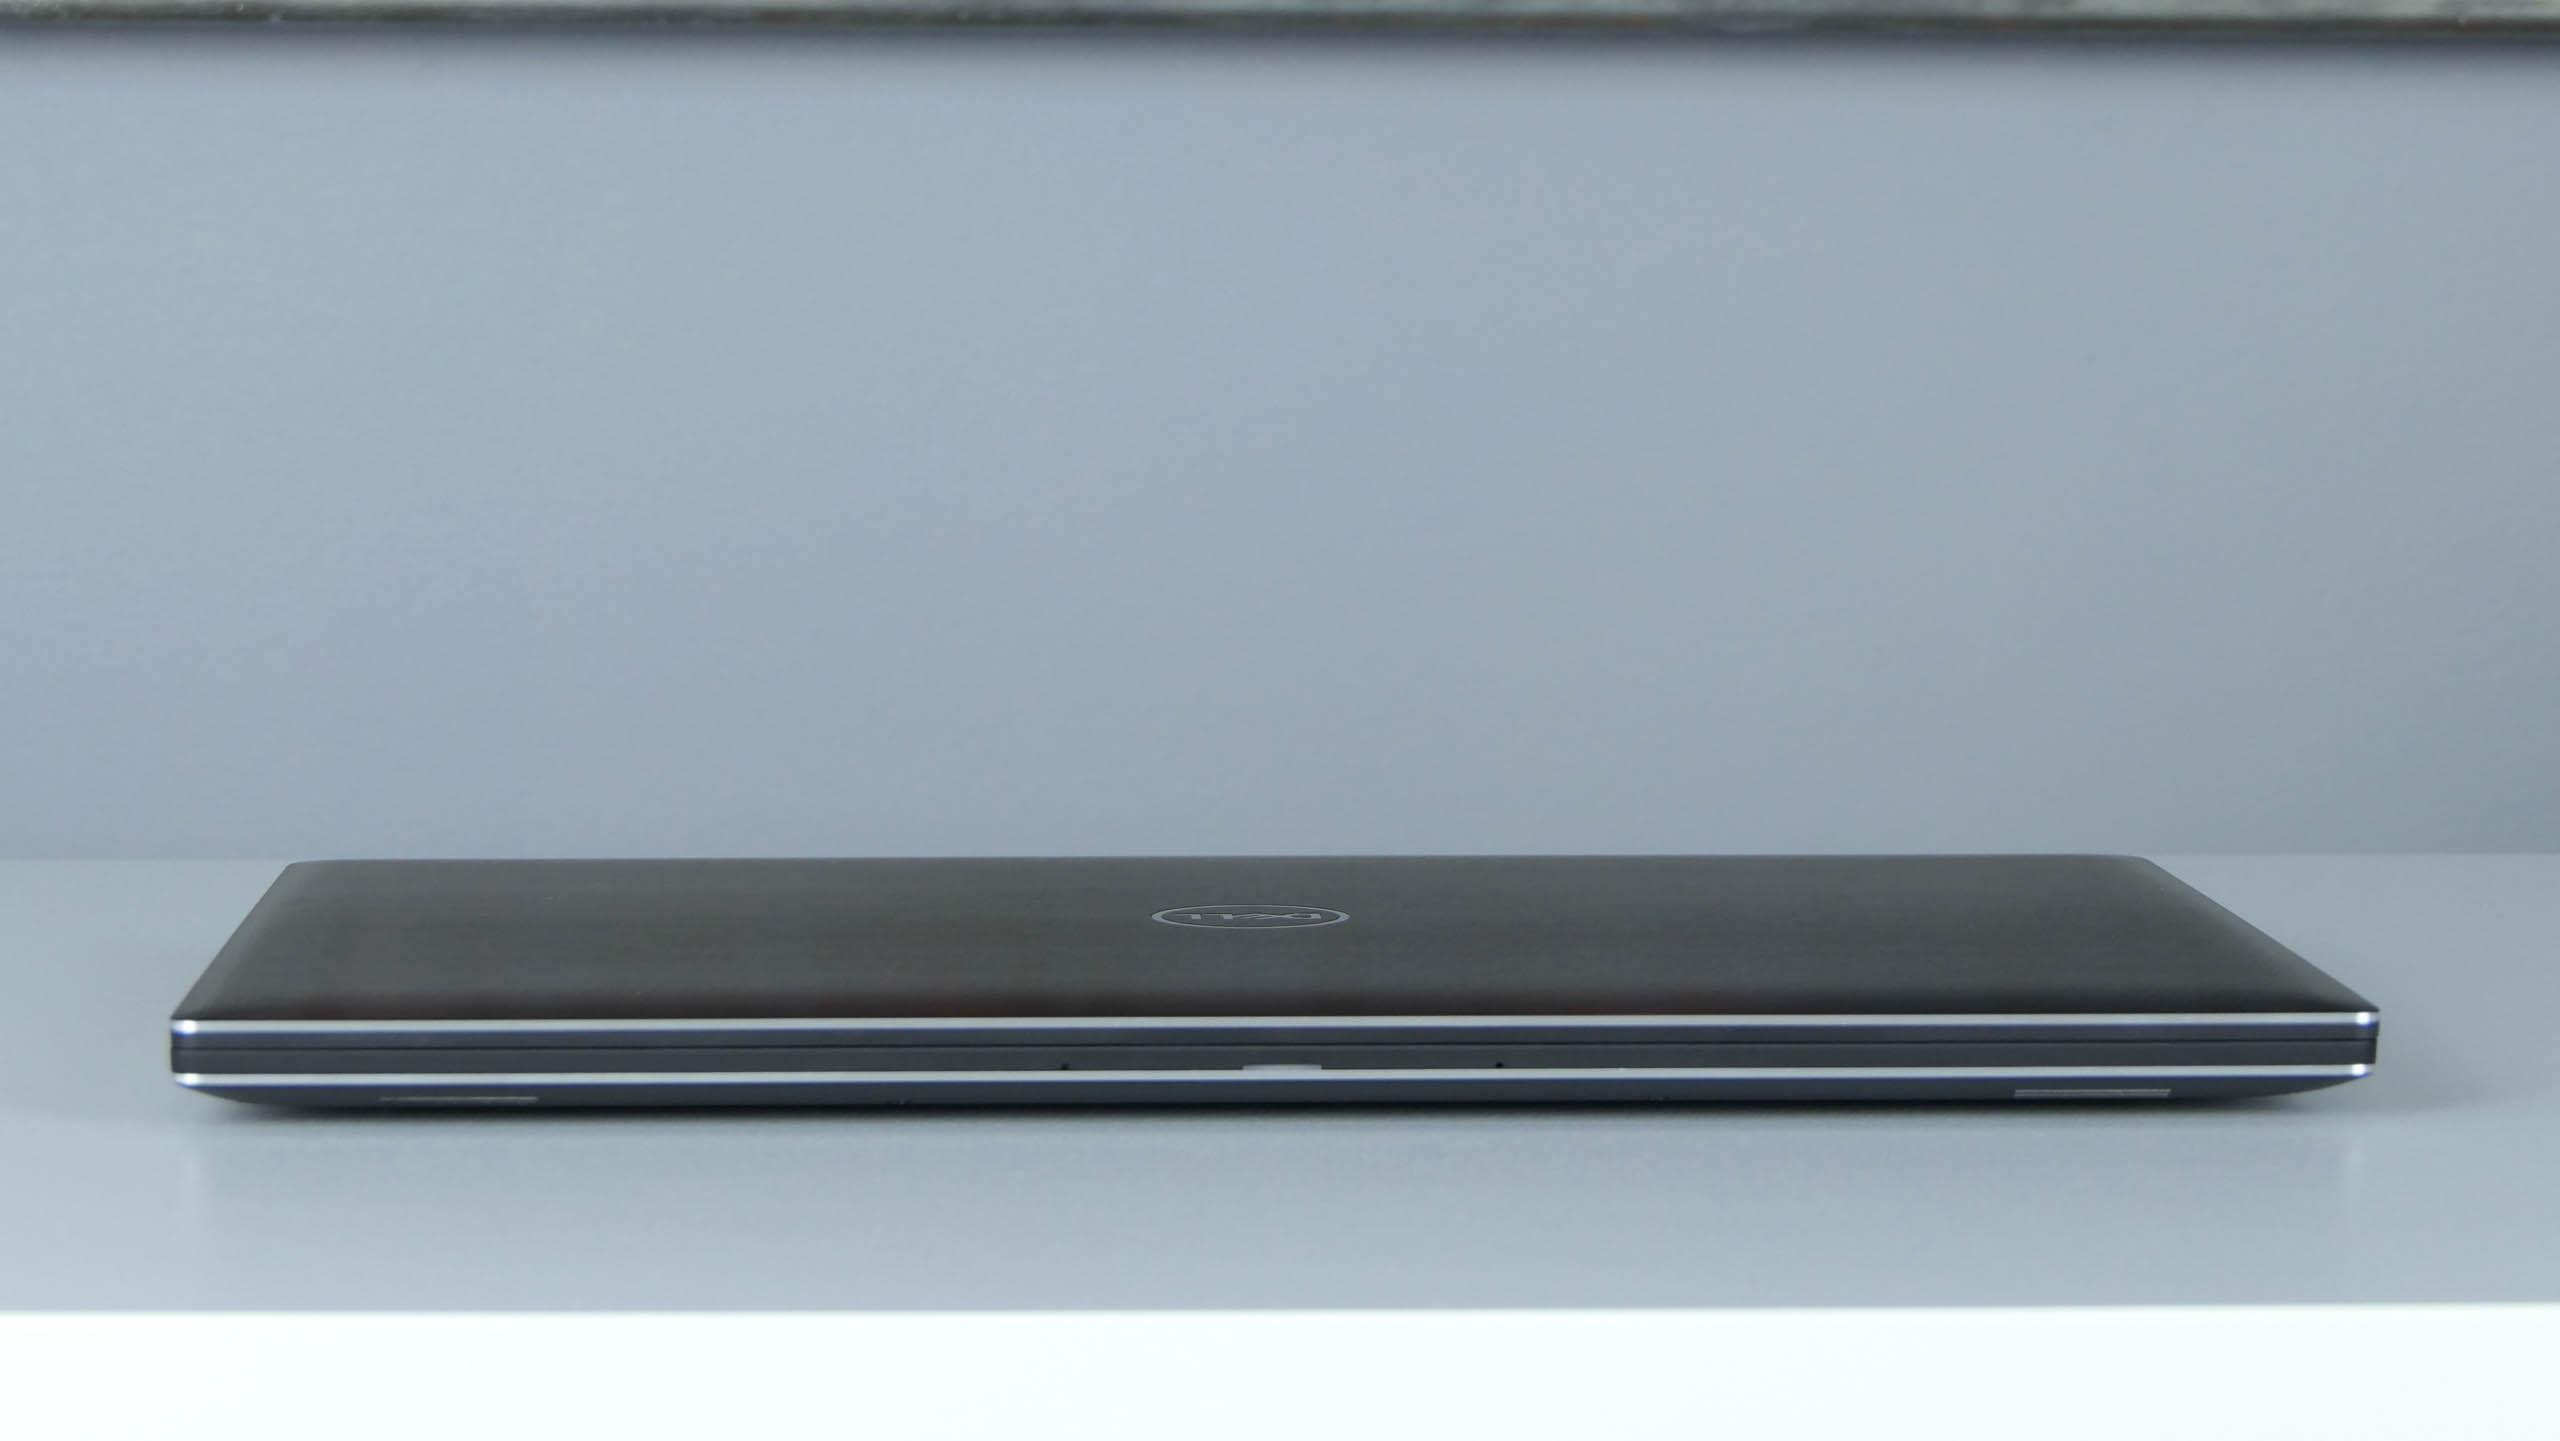 Dell Precision 15 5530 - front laptopa